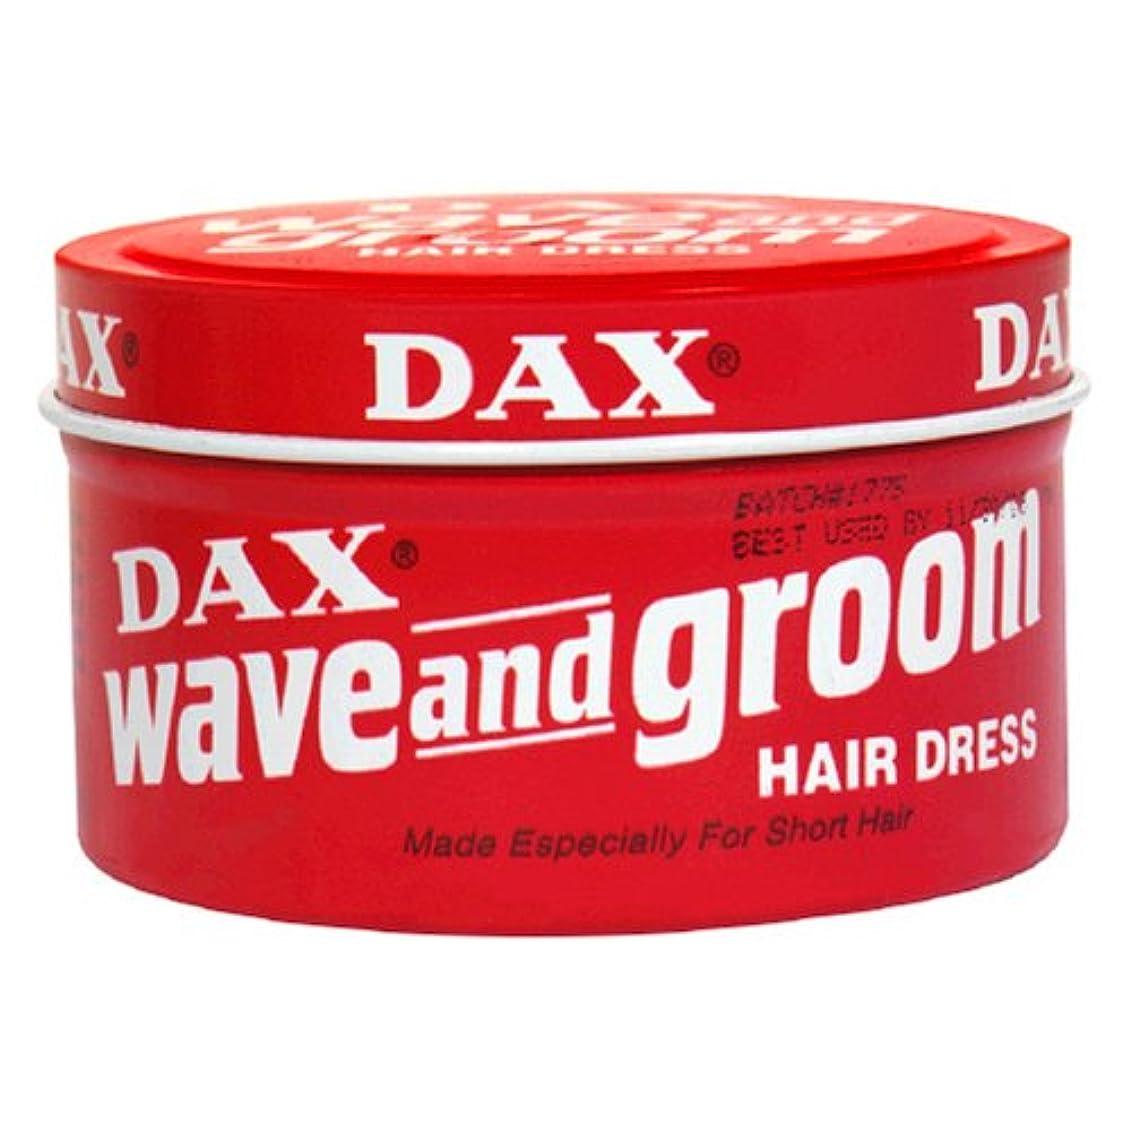 蒸発ぐったり統計Dax Wave & Groom Hair Dress 99 gm Jar (Case of 6) (並行輸入品)